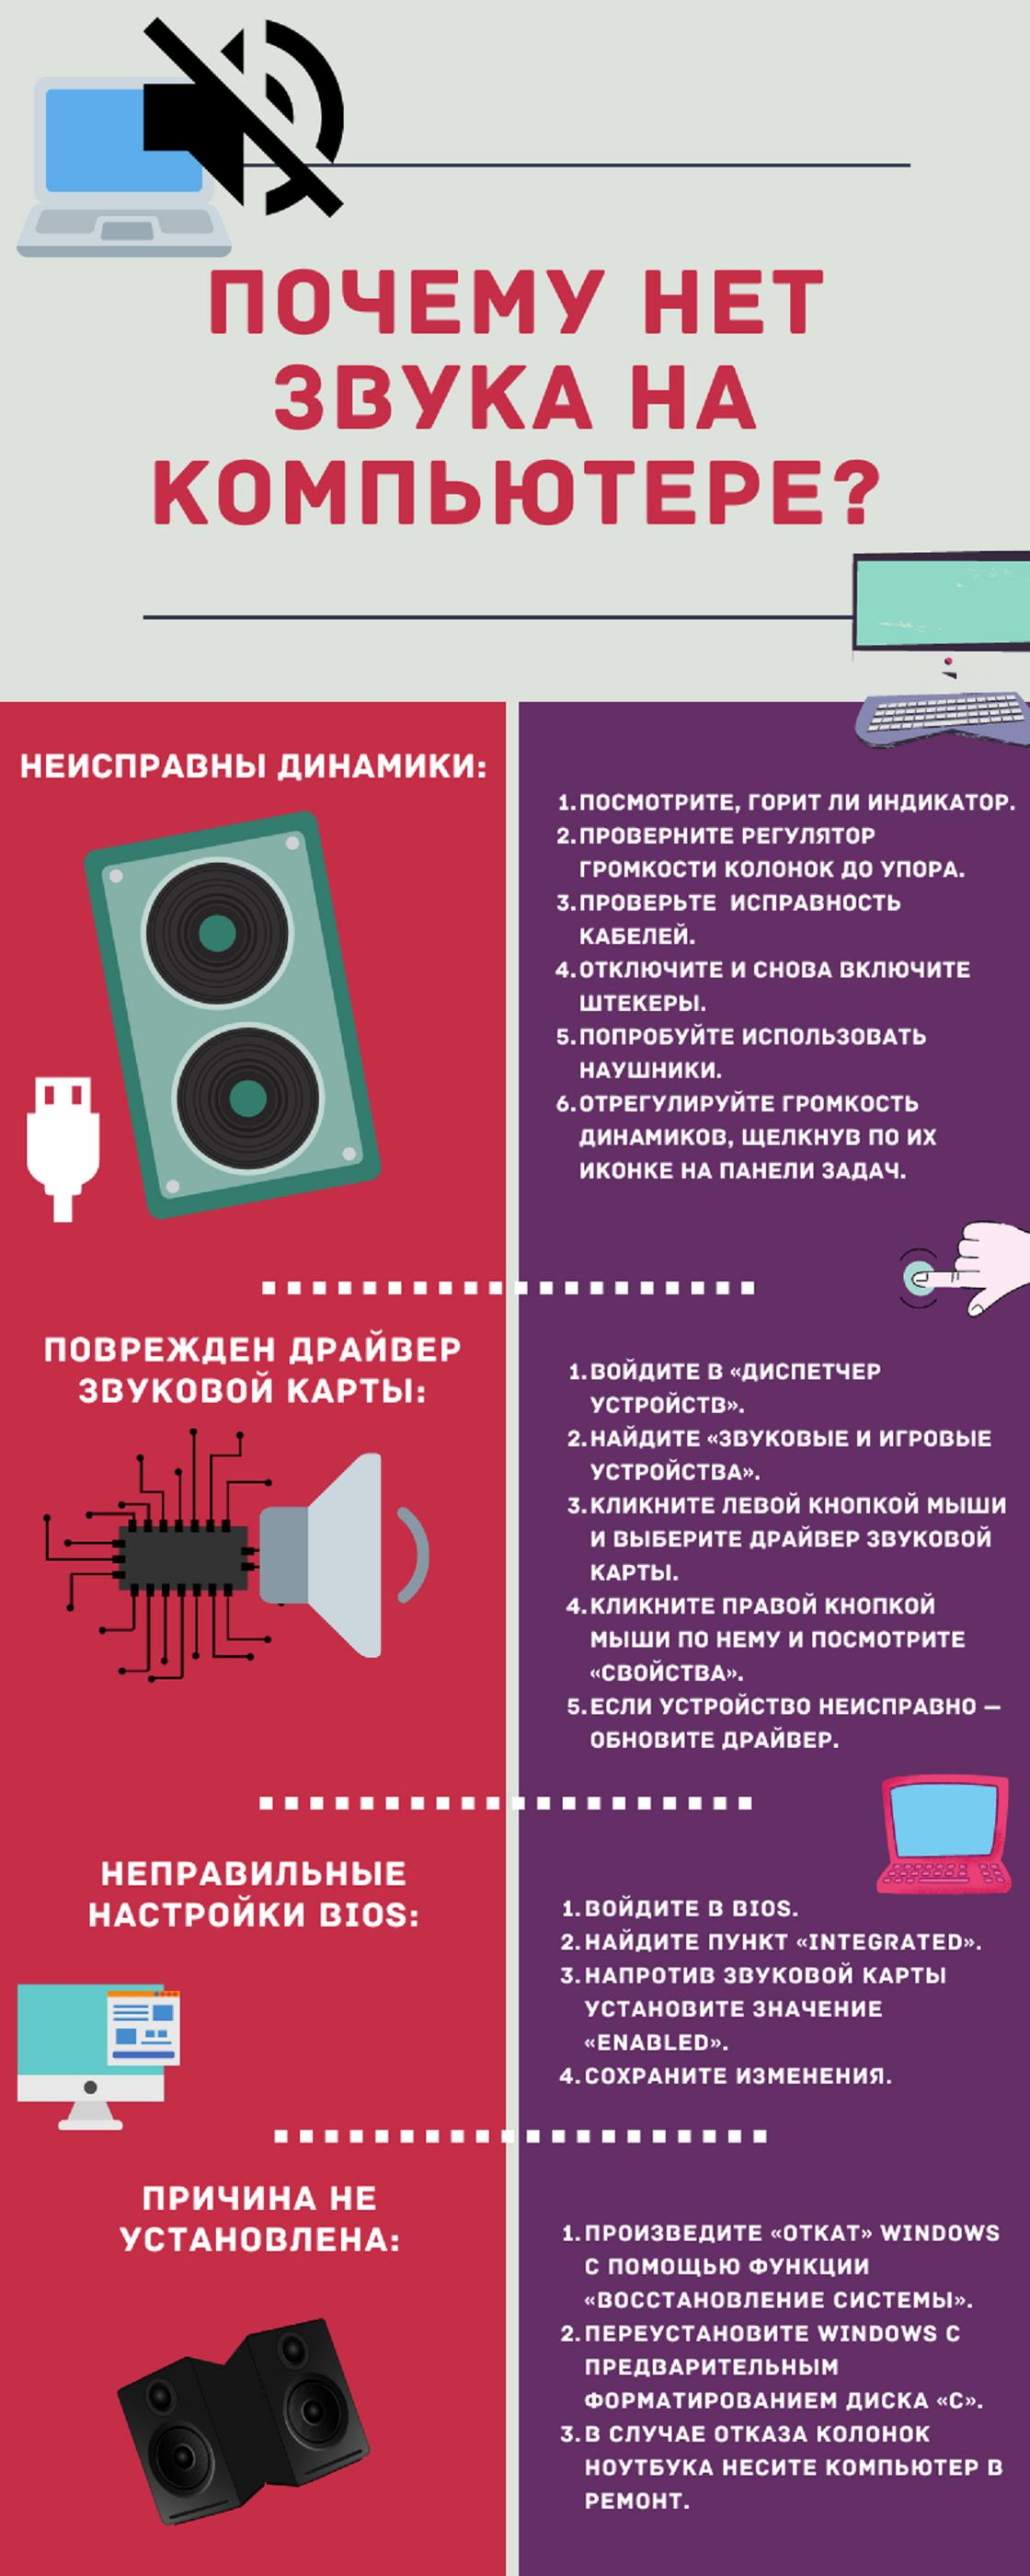 Инфографика рассказывающая о причинах отсутствия звука на ПК